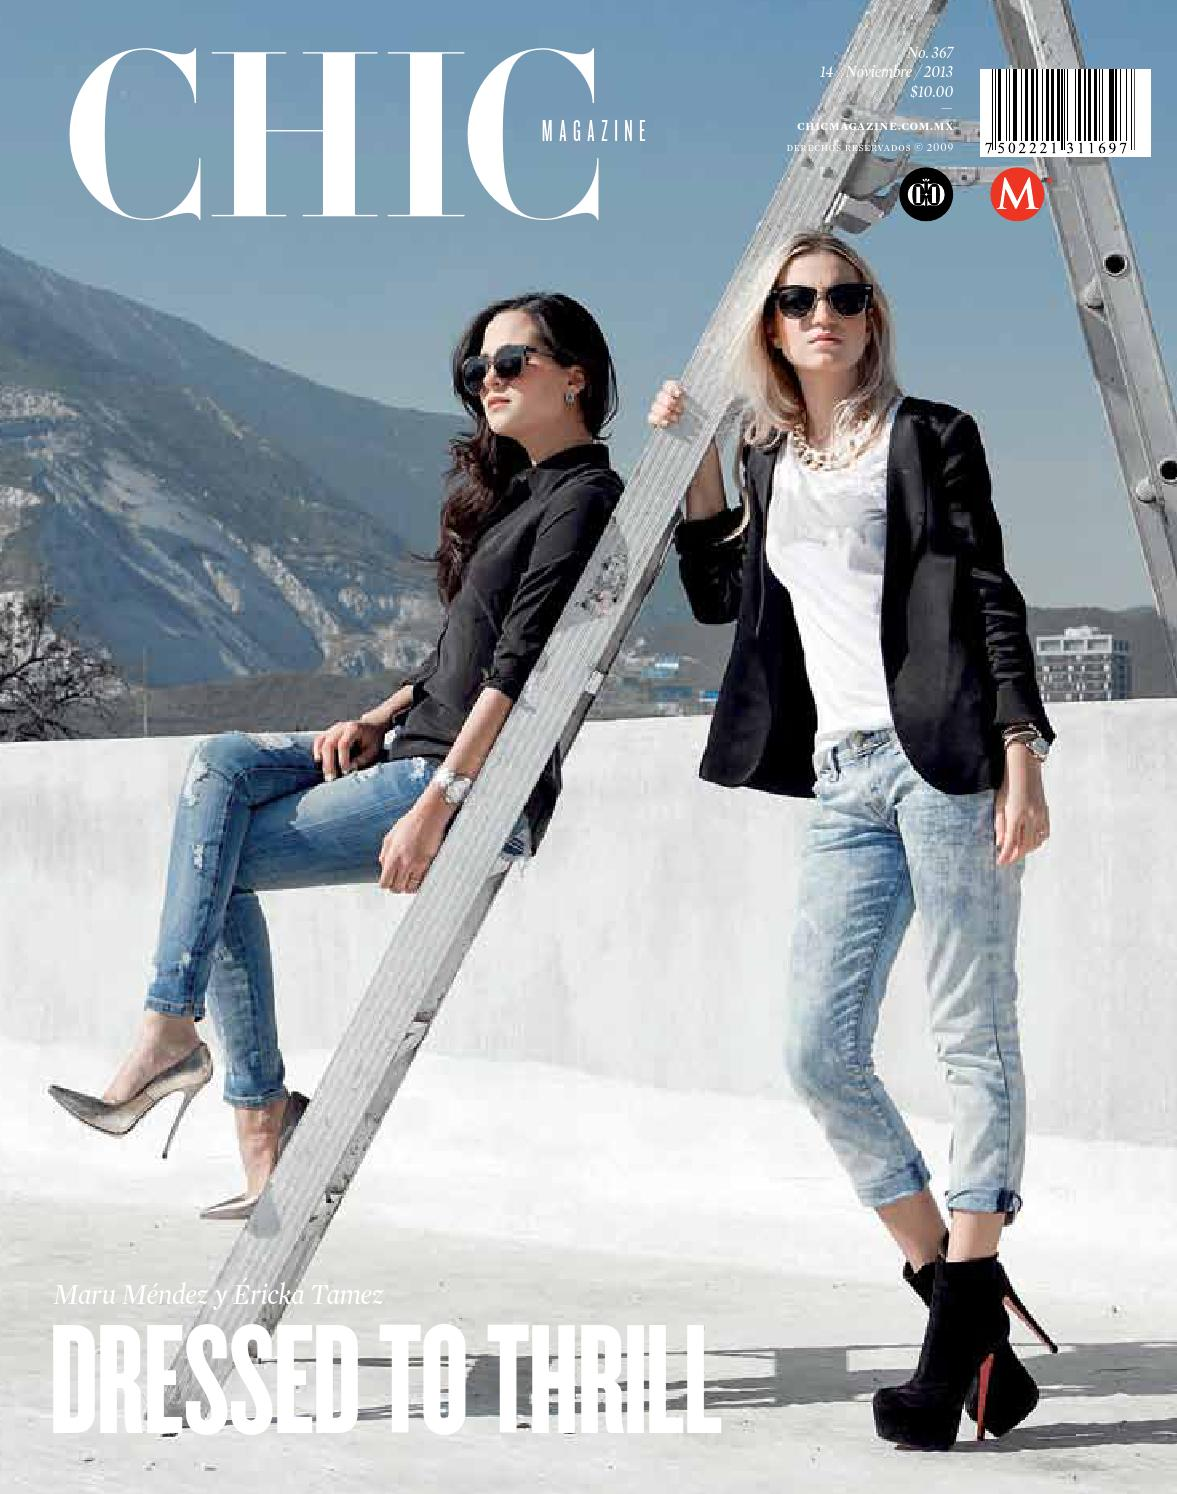 Chic monterrey 367 by Chic Magazine Monterrey - issuu